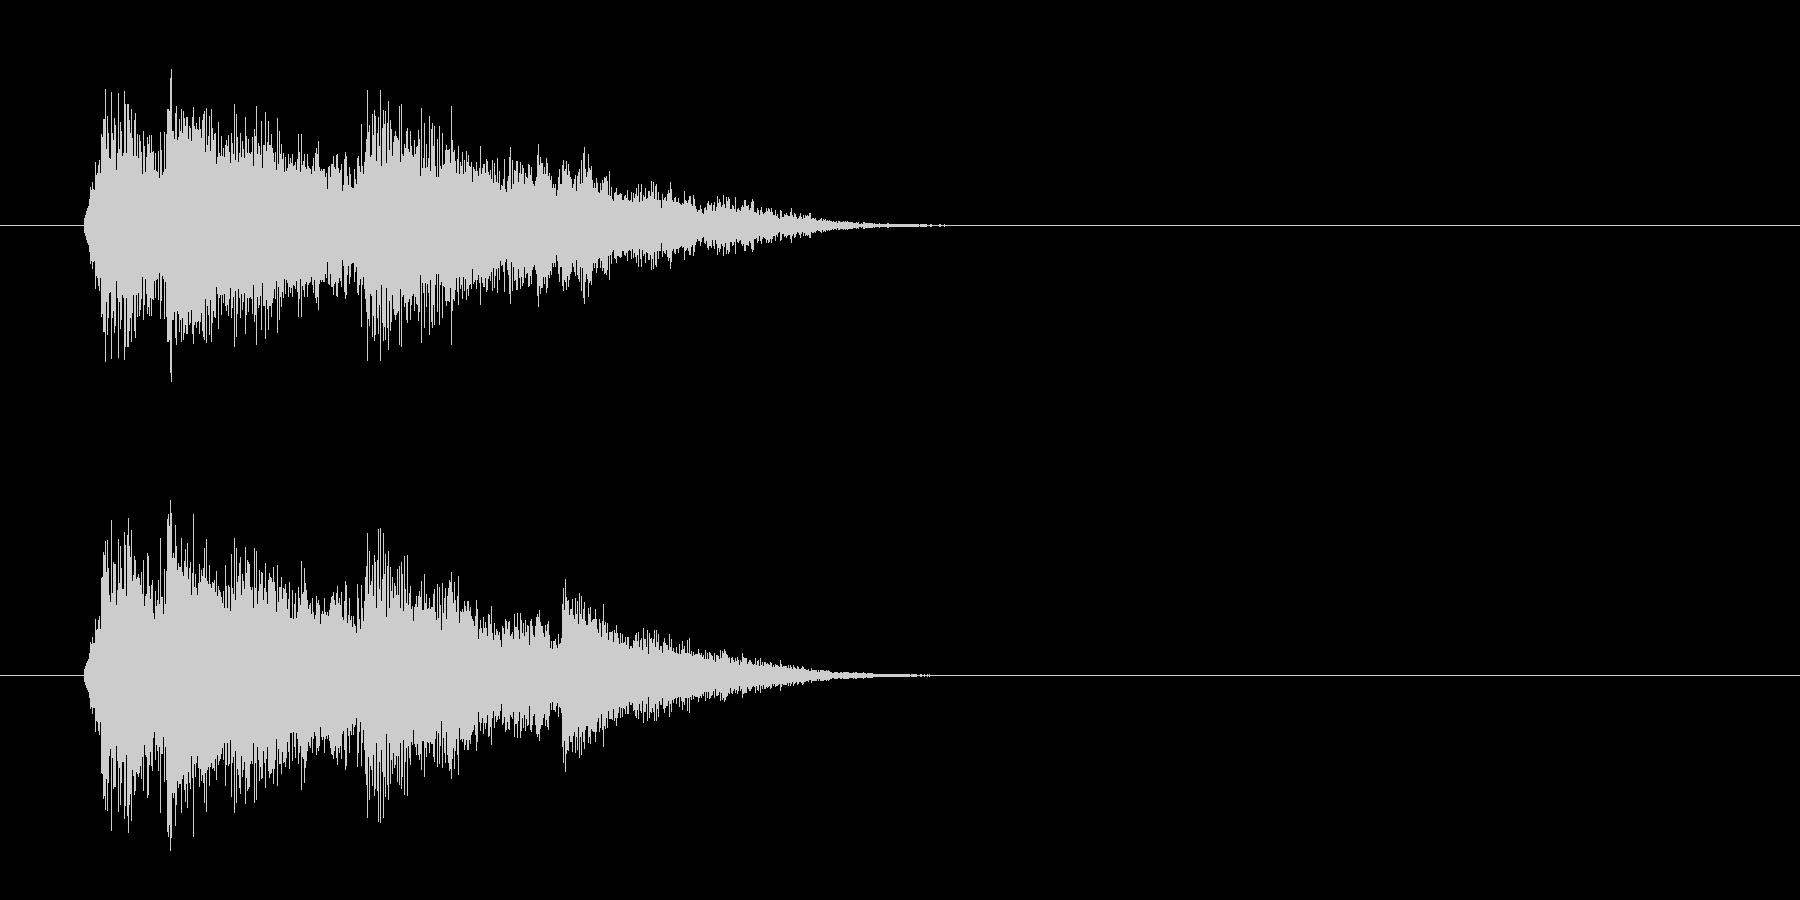 ジングル(SE風)の未再生の波形